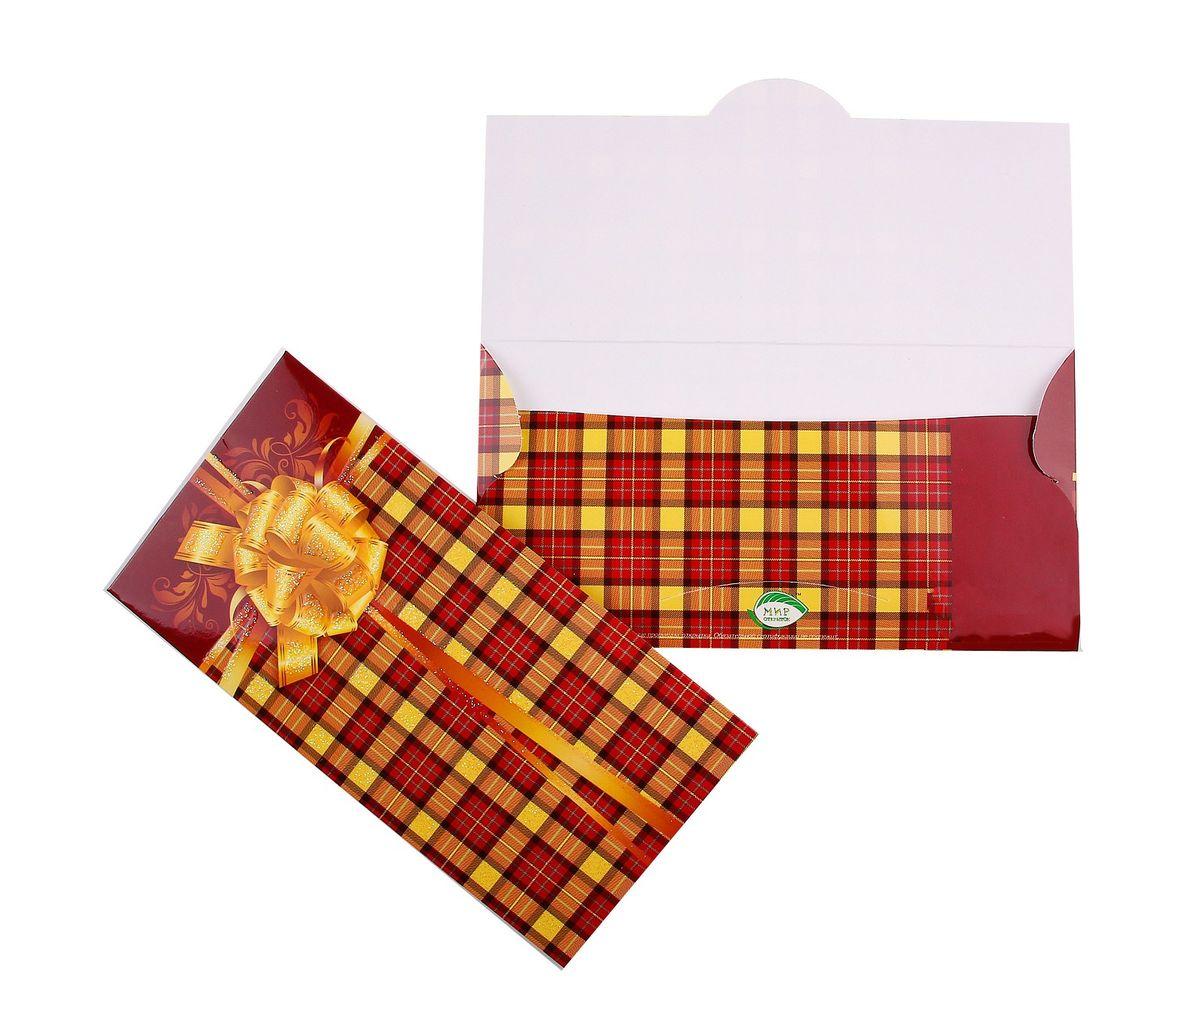 Конверт для денег Sima-land. 707302707302Конверт для денег Sima-land универсальный выполнен из плотной бумаги и украшен яркой картинкой с орнаментом. Это необычная красивая одежка для денежного подарка, а так же отличная возможность сделать его более праздничным и создать прекрасное настроение! Конверт Sima-land - идеальное решение, если вы хотите подарить деньги.